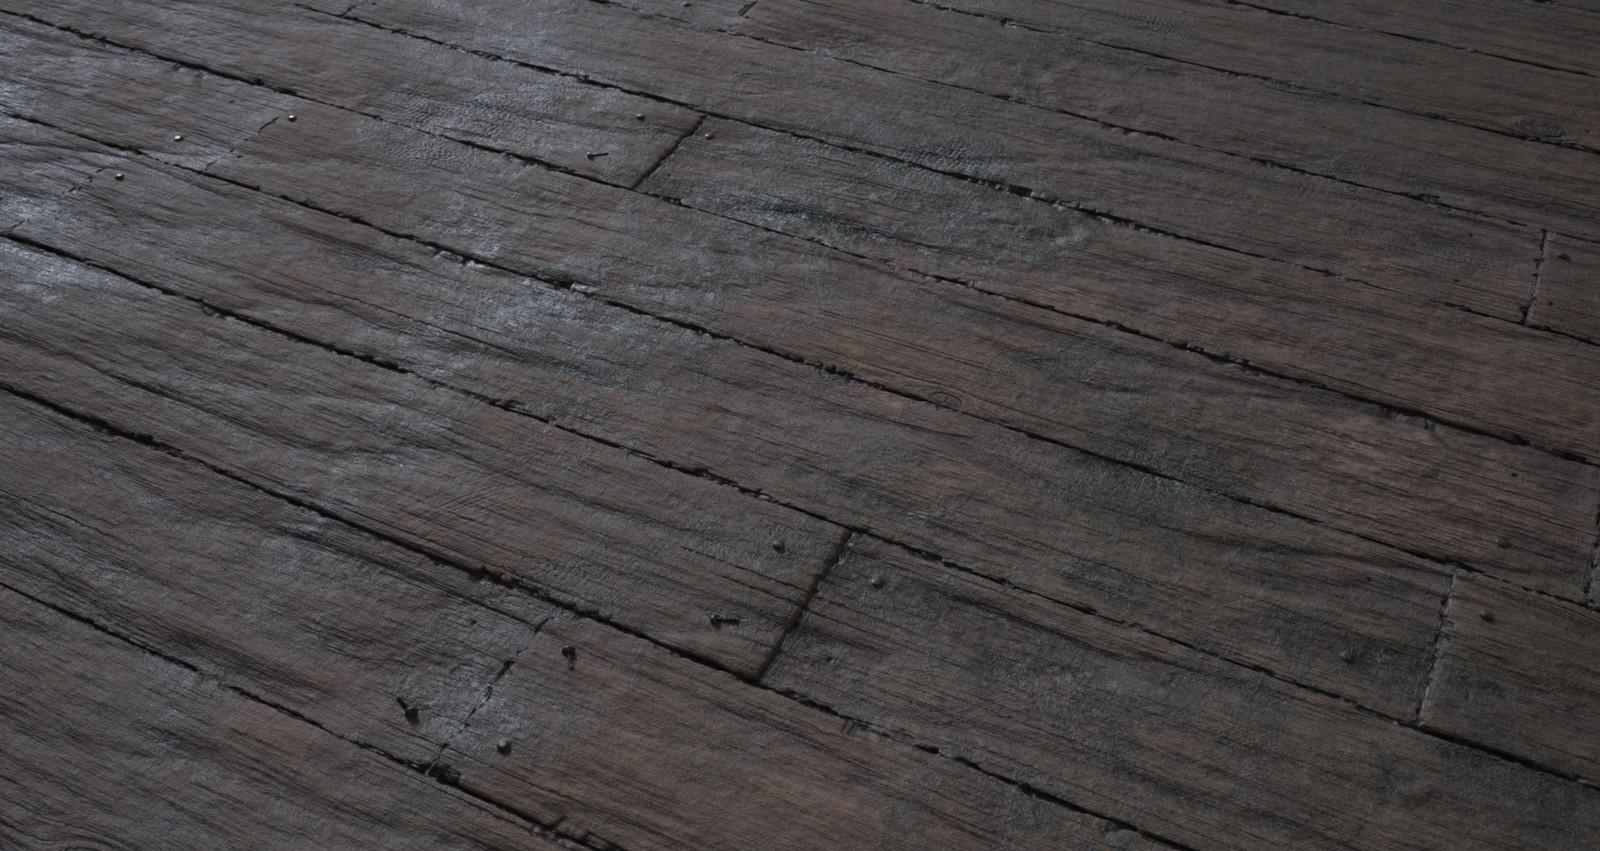 Moist, rotten wood floor with screws.